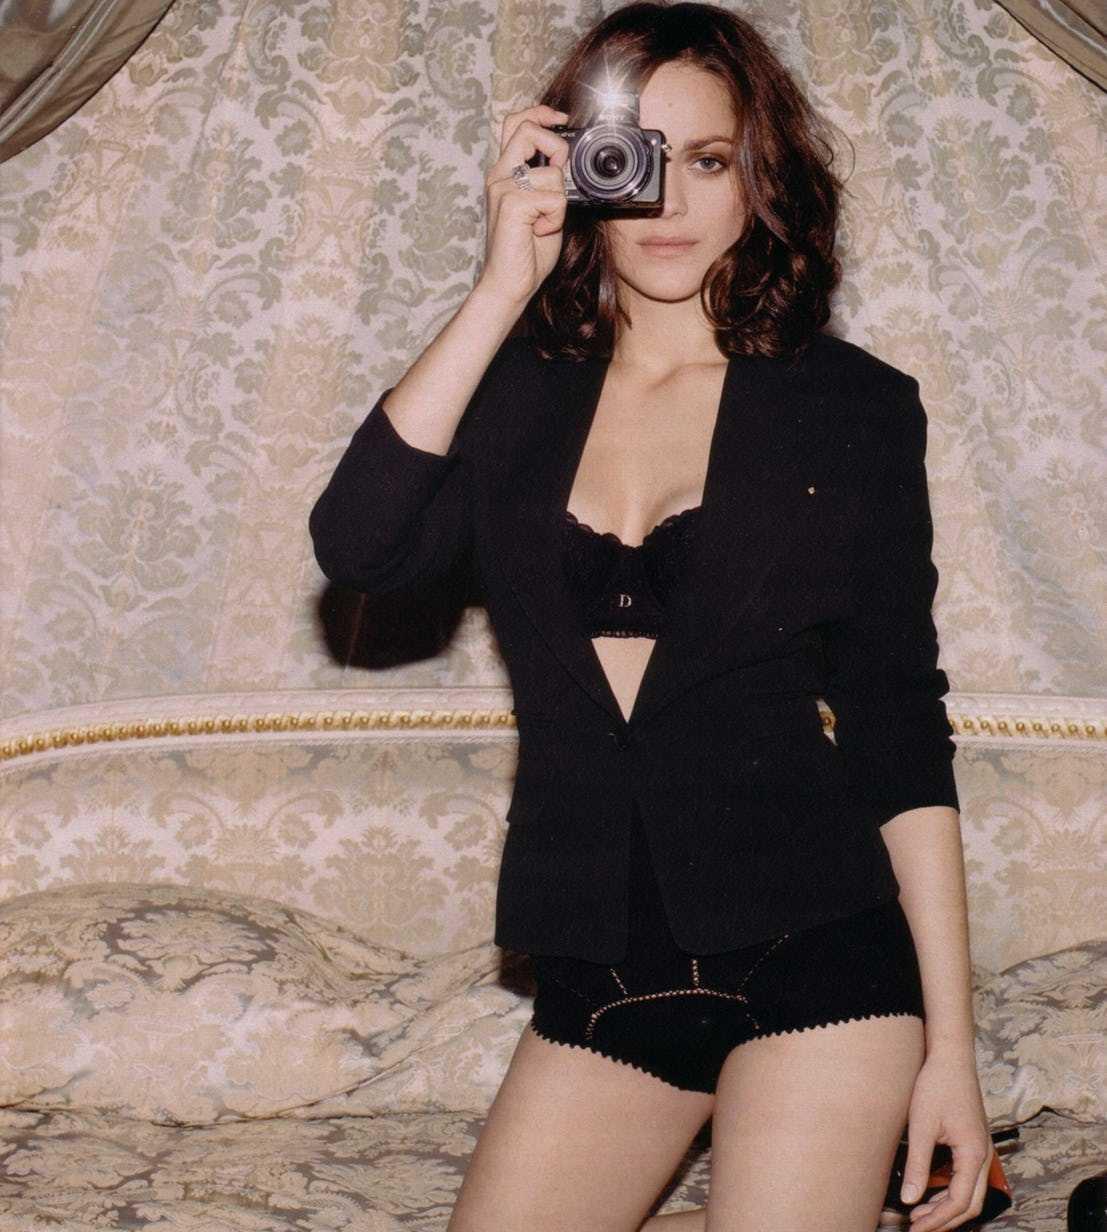 Marion Cotillard hot pics